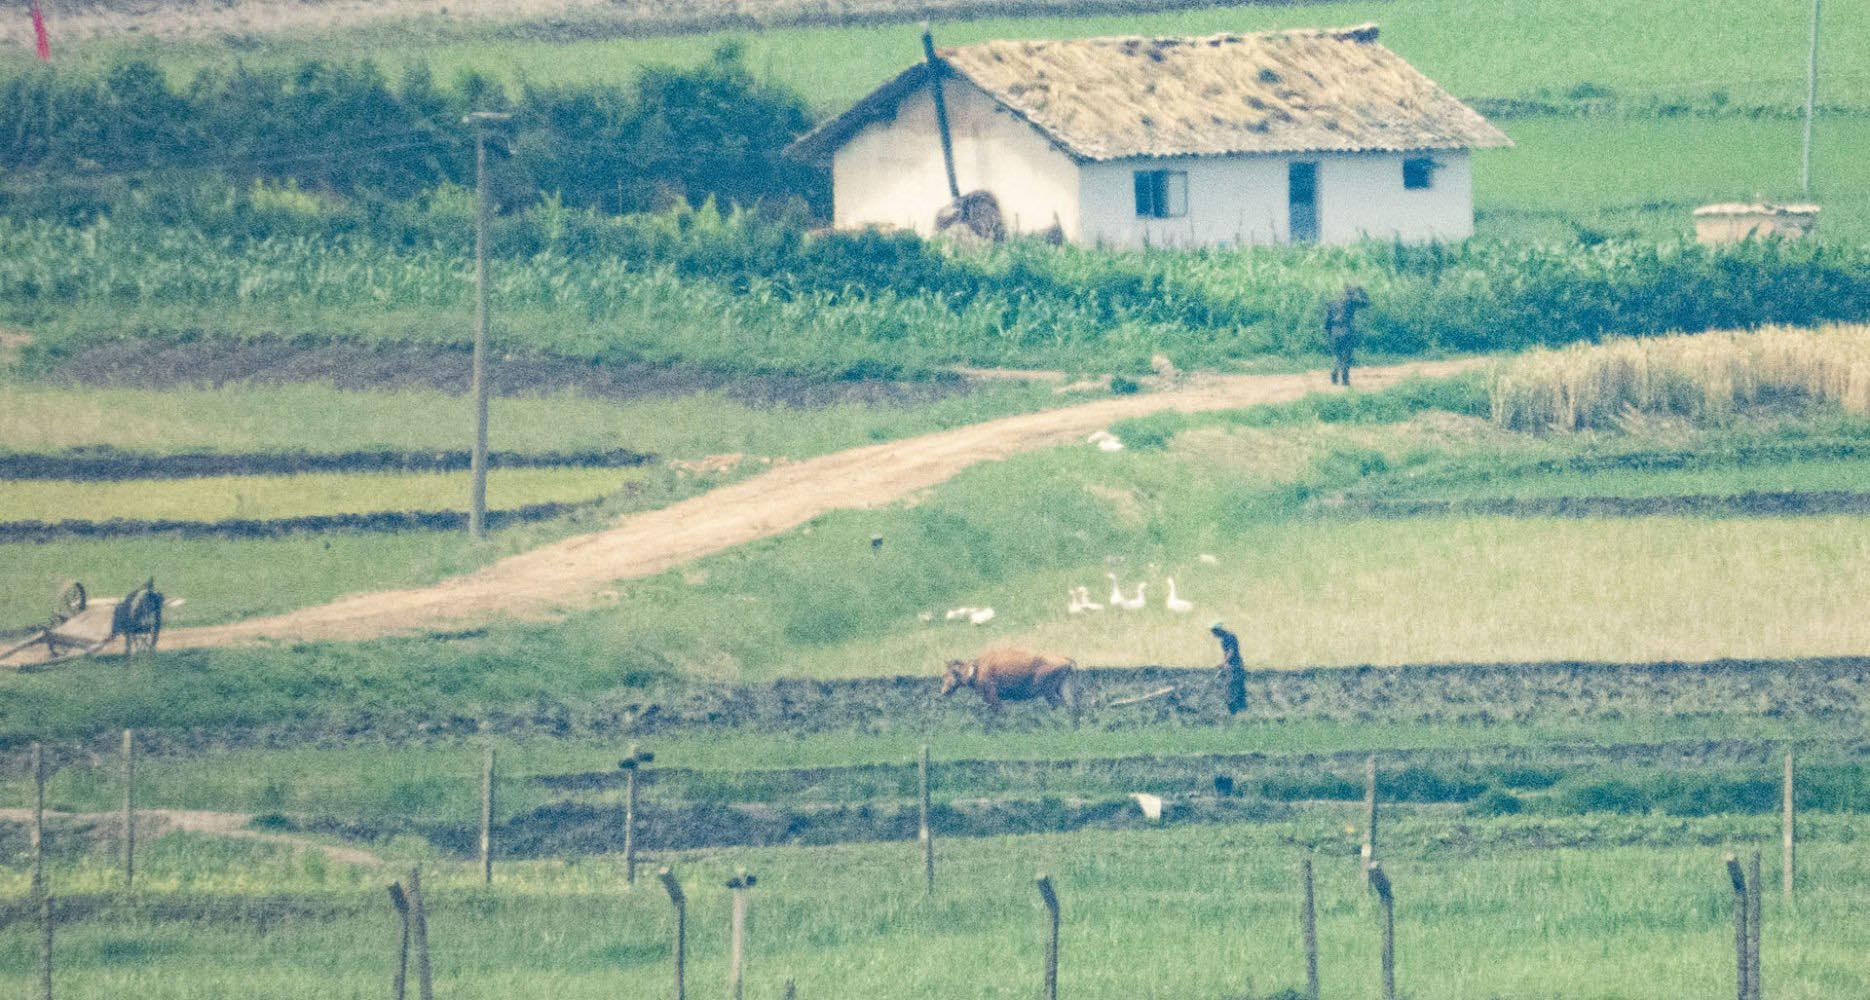 Ảnh hiếm về nông thôn Triều Tiên khi tình hình lương thực căng thẳng - Ảnh 9.